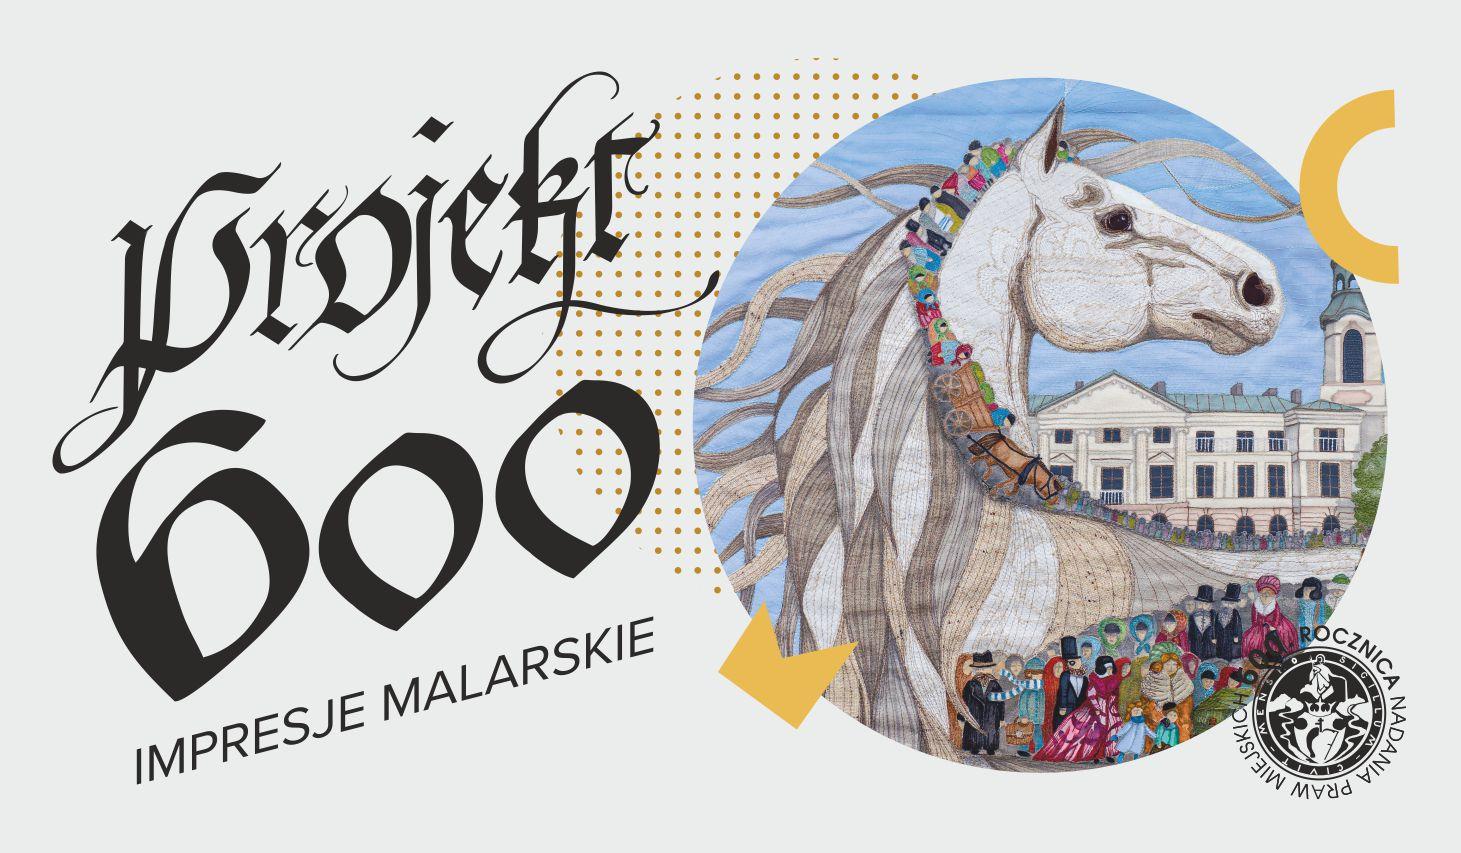 Projekt 600 – impresje malarskie